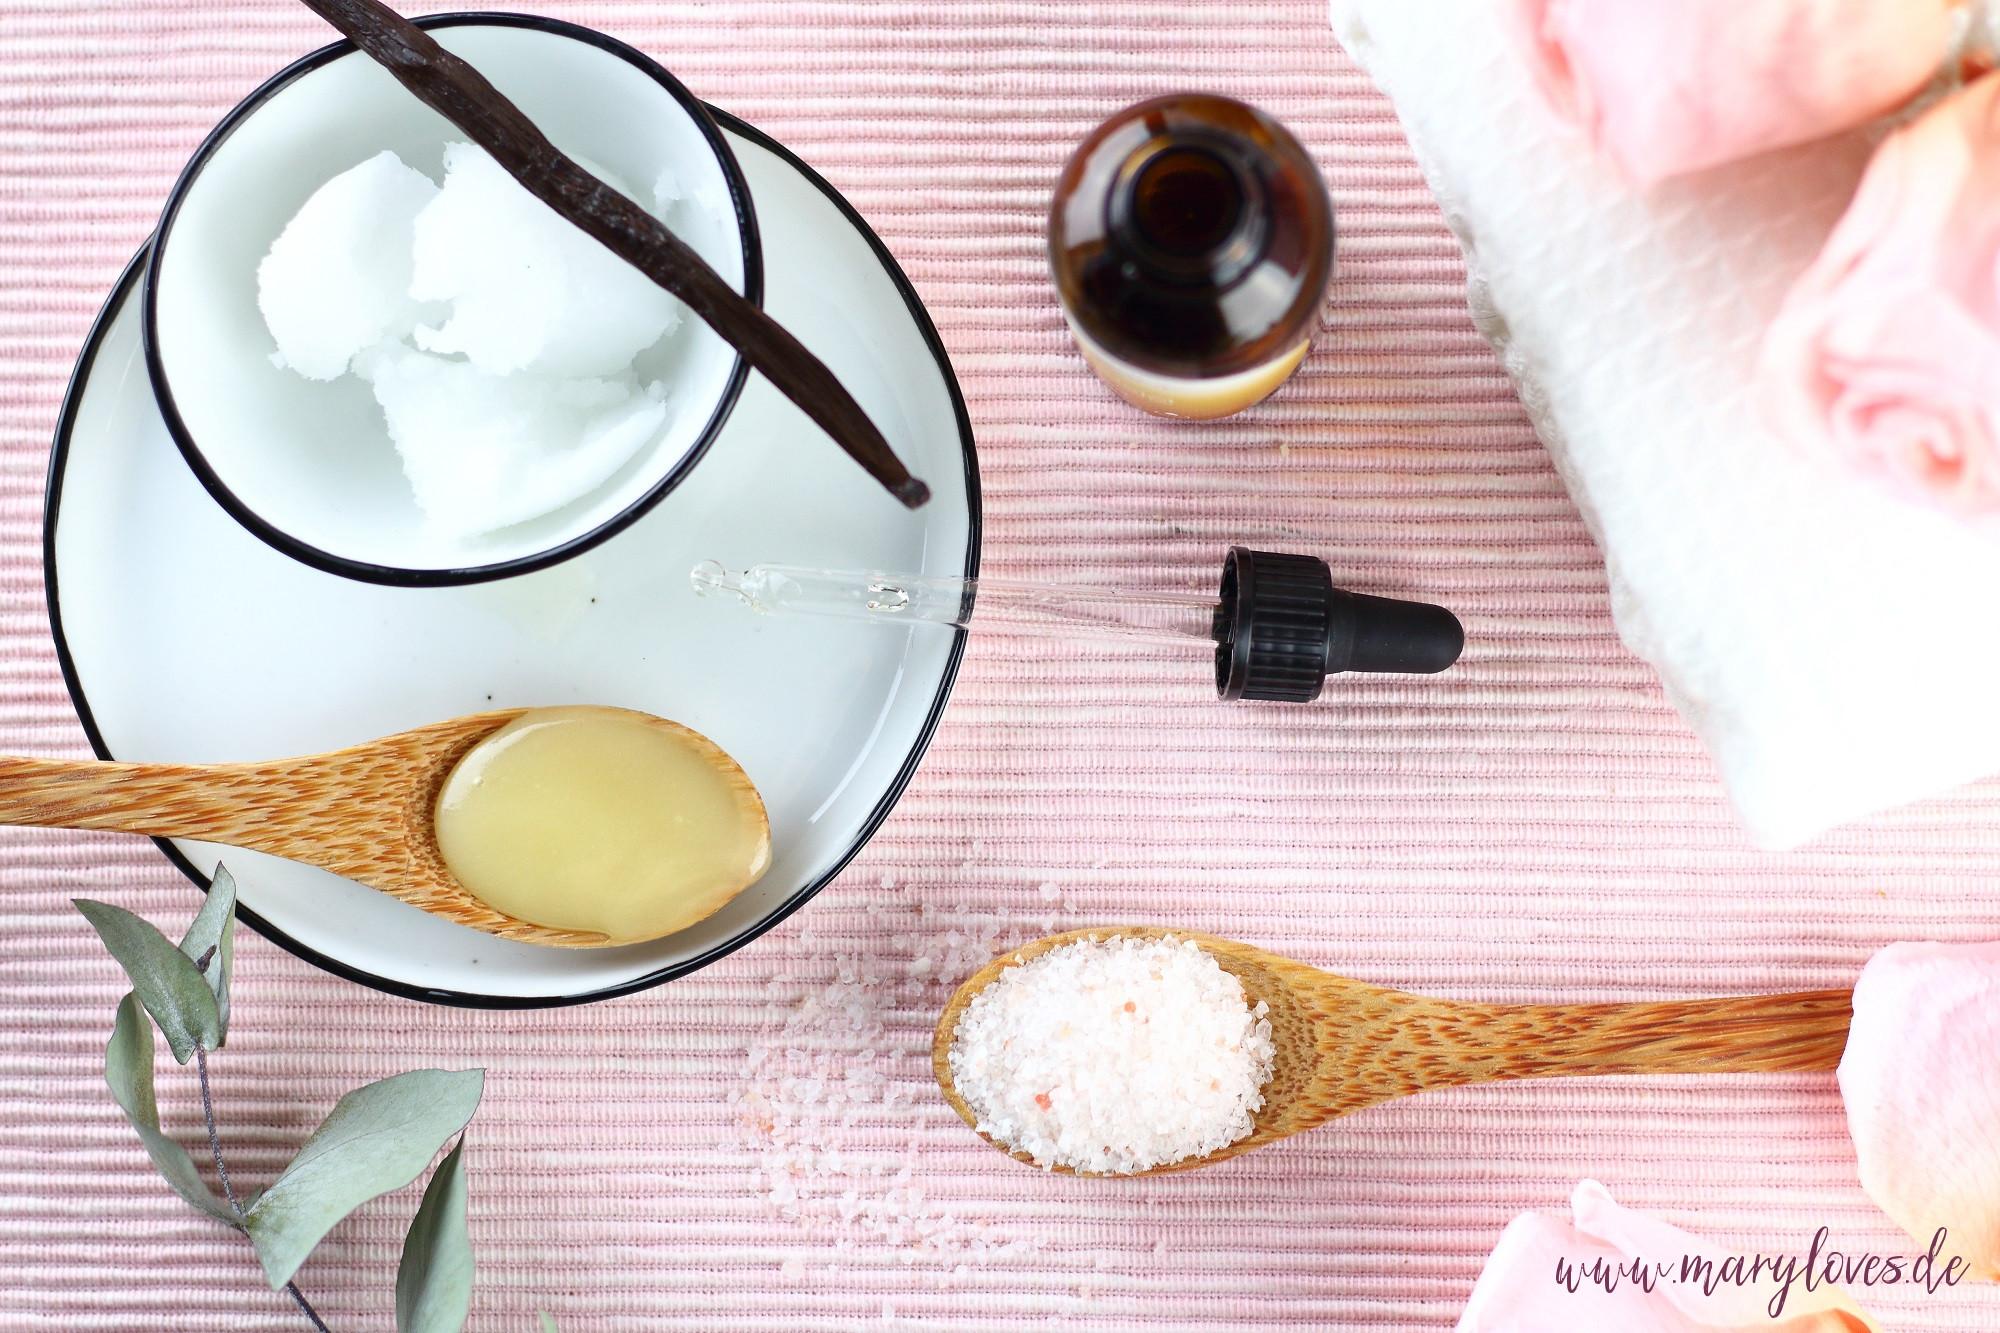 Natürliches Honig-Vanille Badesalz selber machen - Zutaten